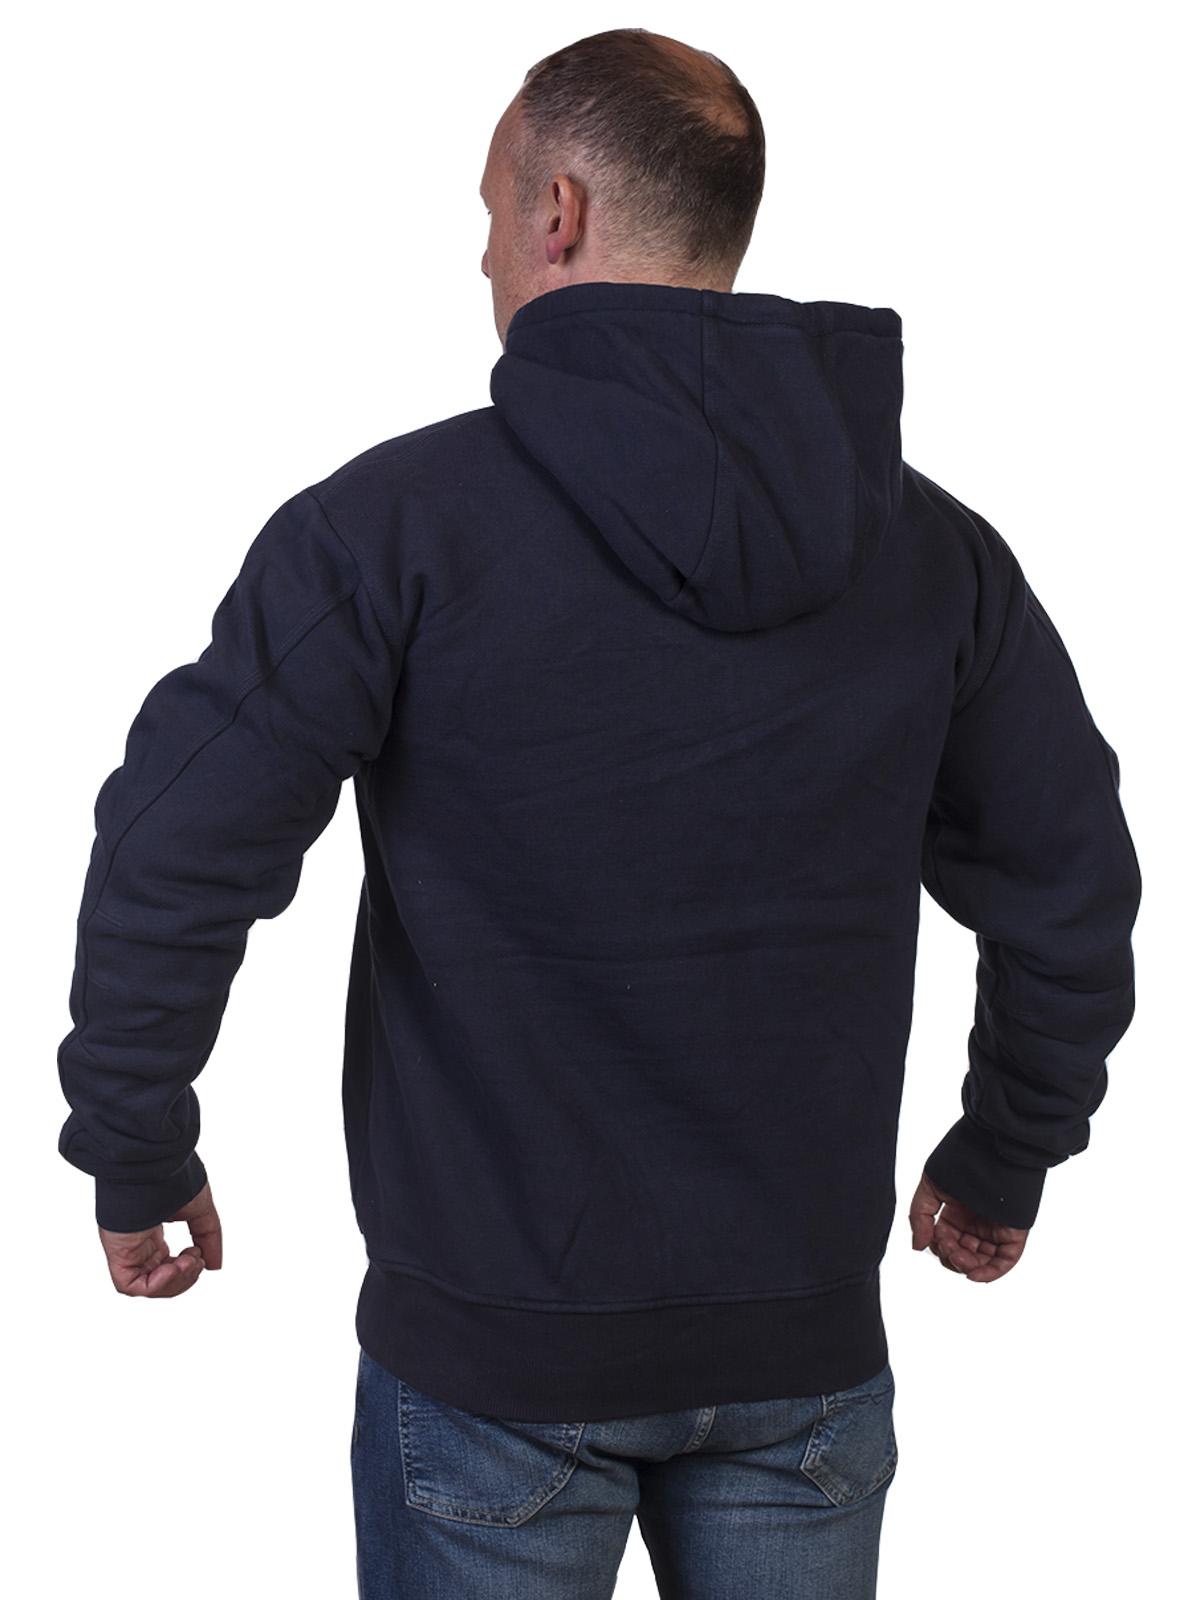 Купить в интернет магазине мужскую толстовку большого размера